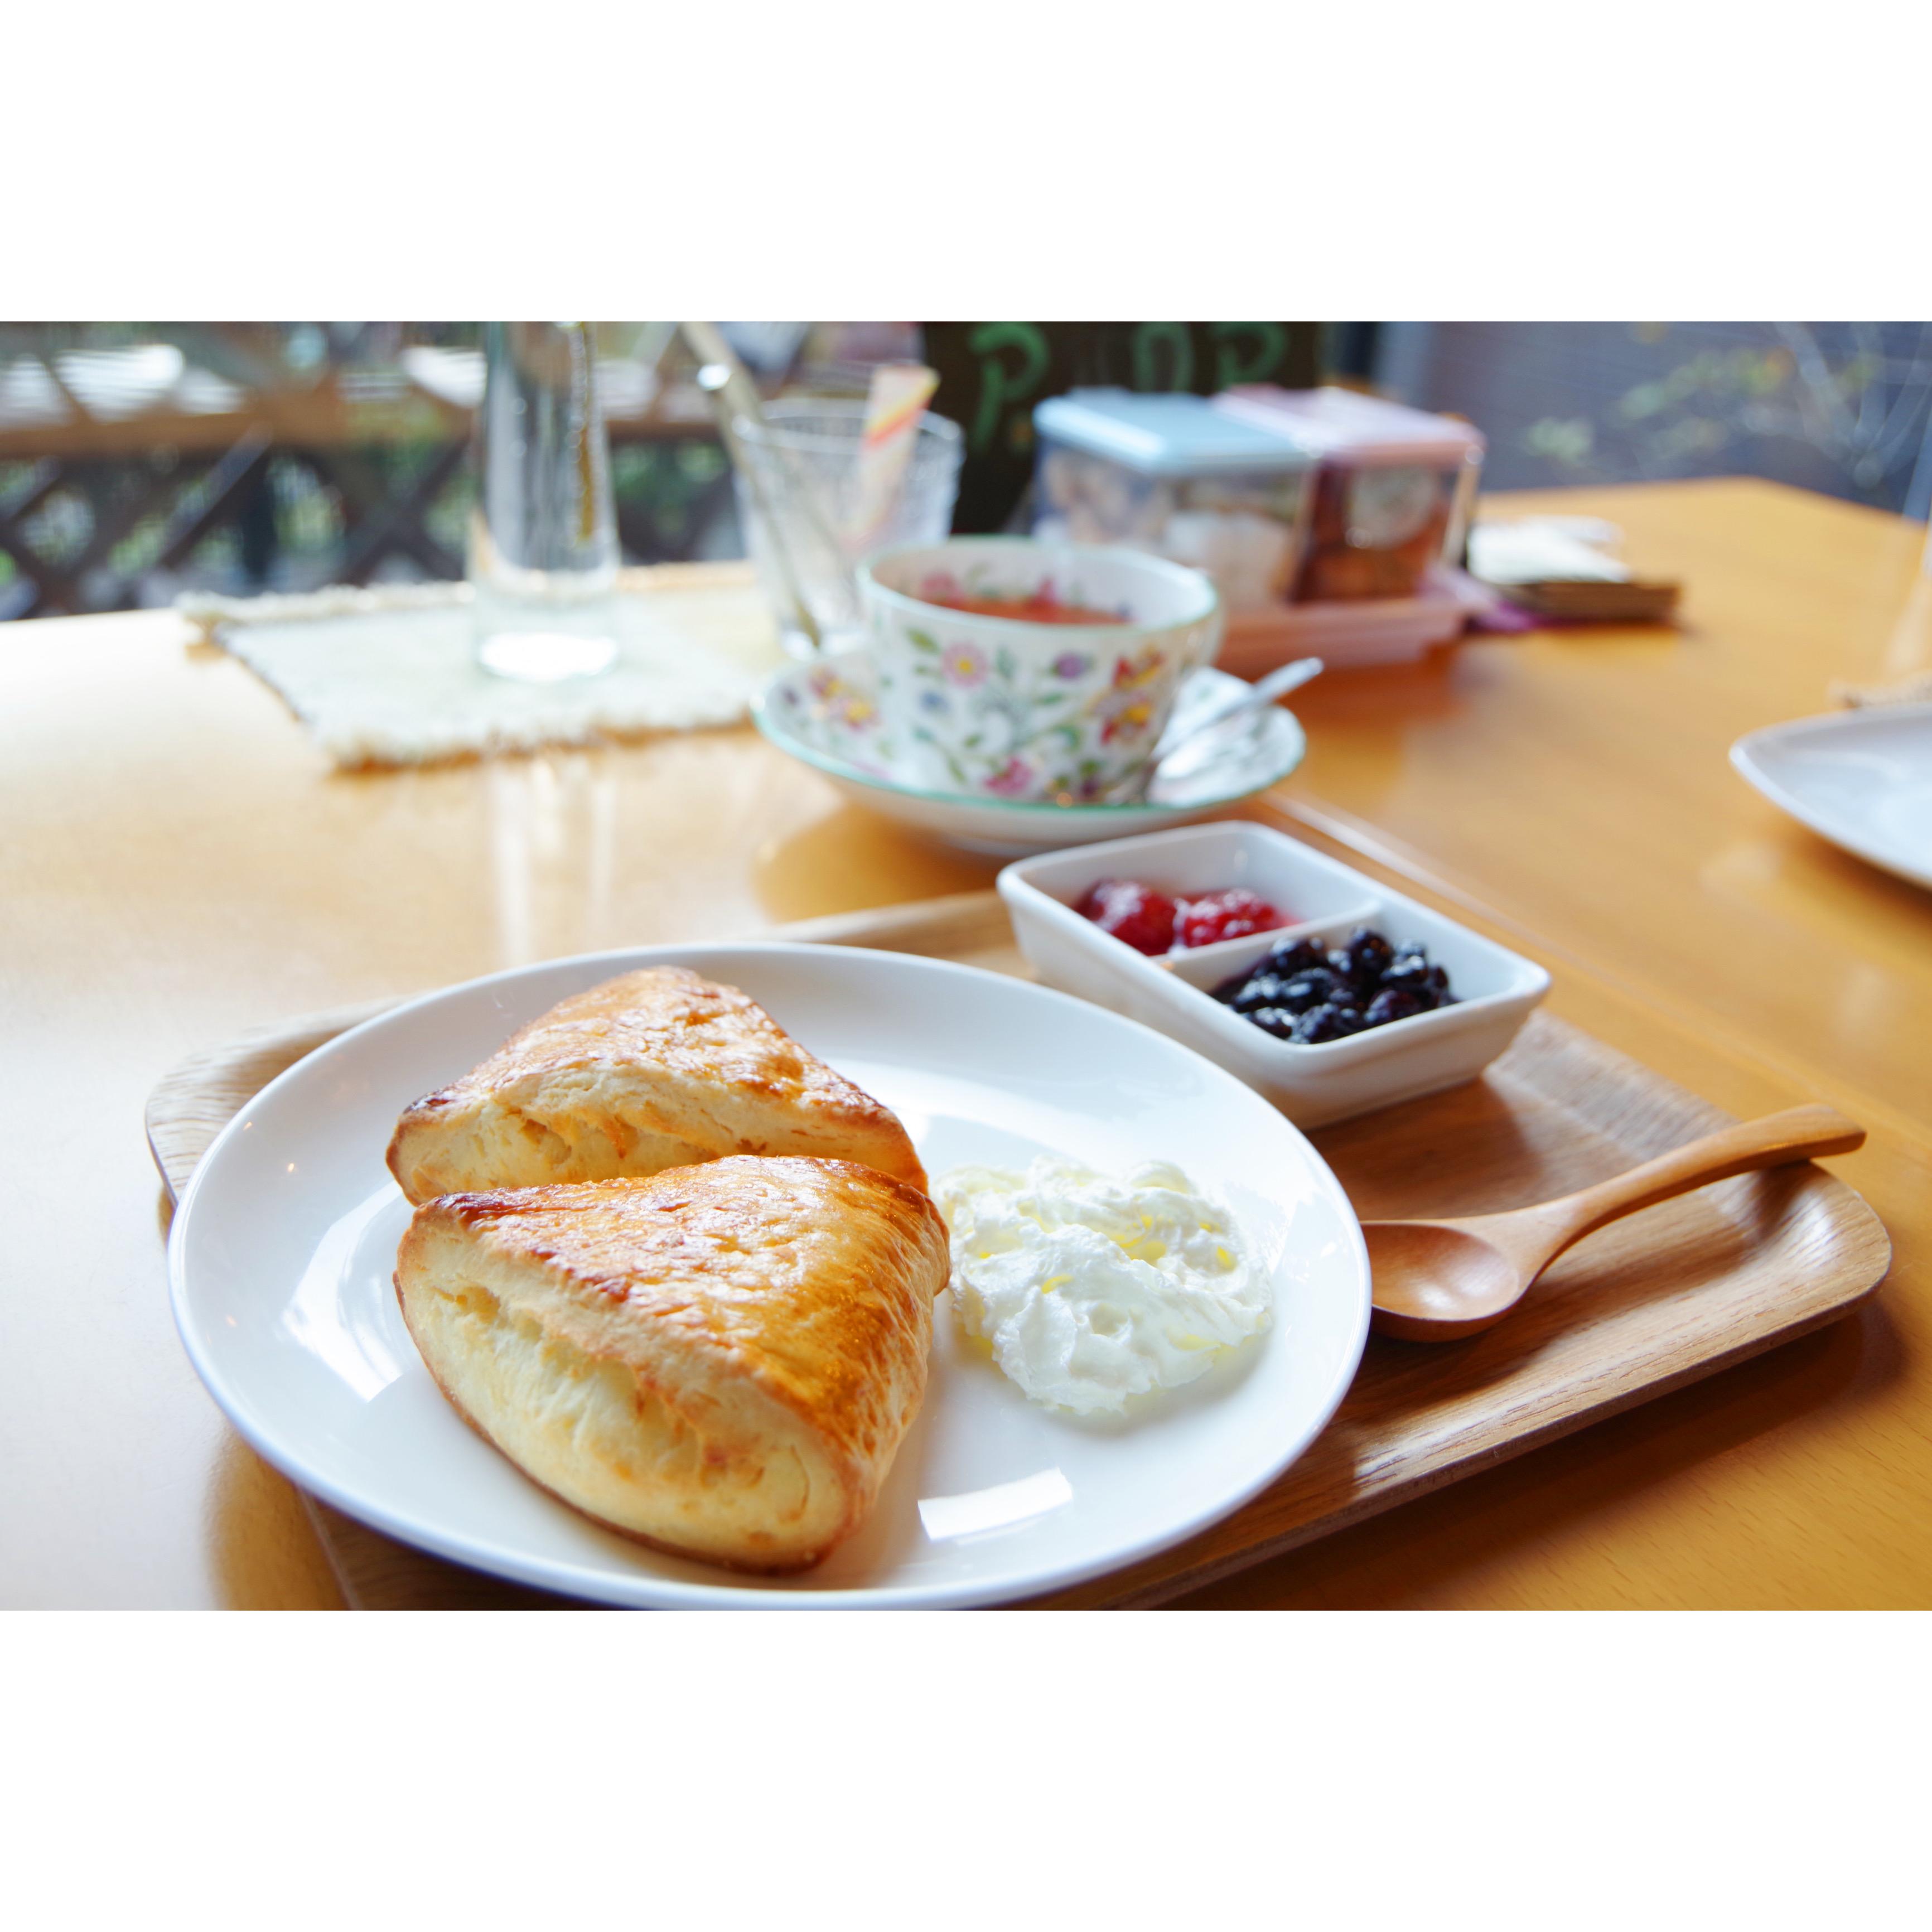 【カフェ巡り】栃木の秘境で見つけたおしゃれなカフェ 「ポム・ド・パン」